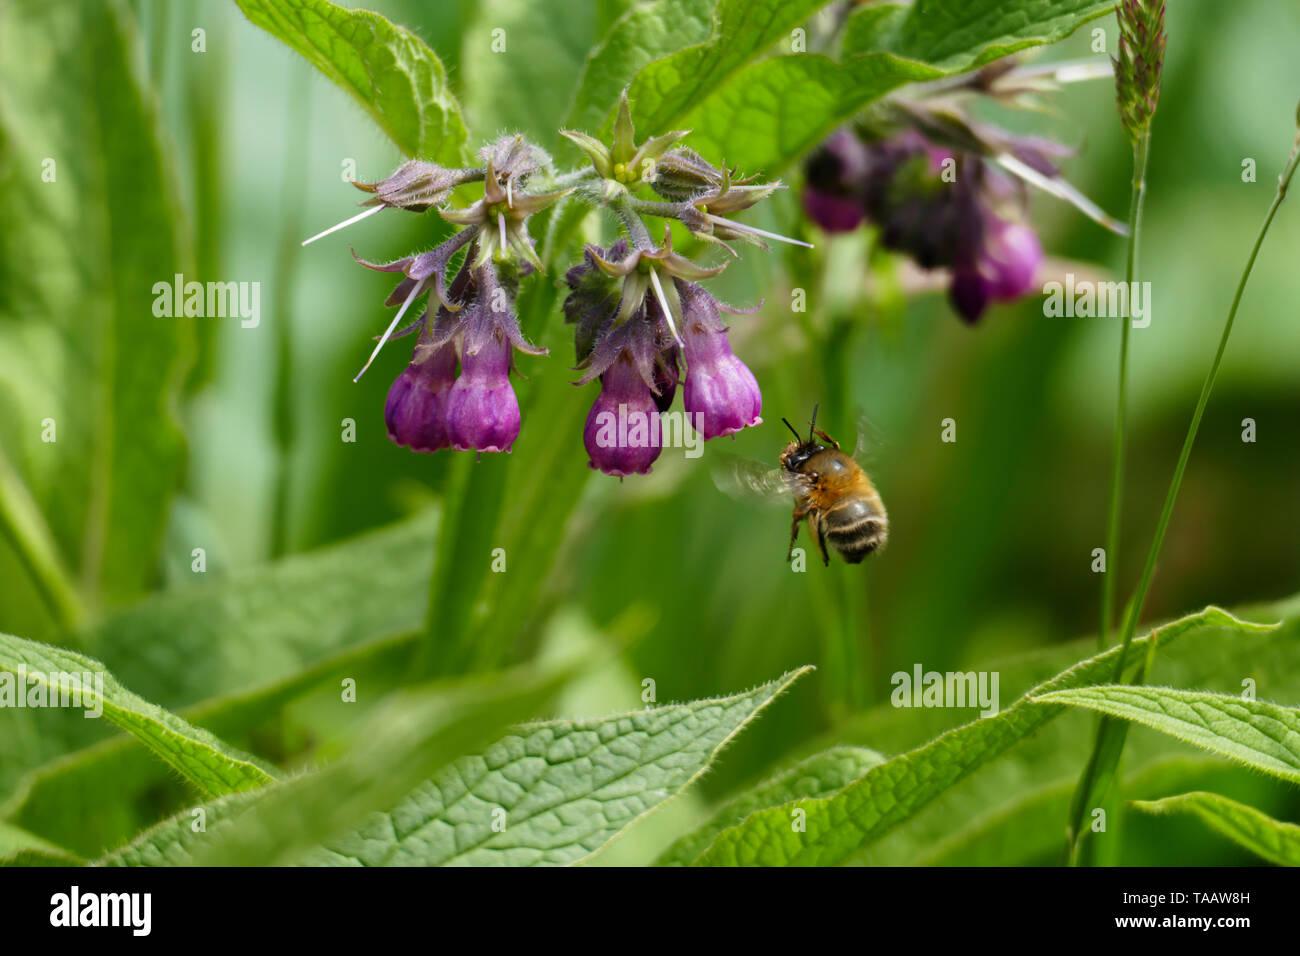 ummel fliegt auf eine lila, violett farbene Beinwell Blüte, auf einer Wiese - Stock Image